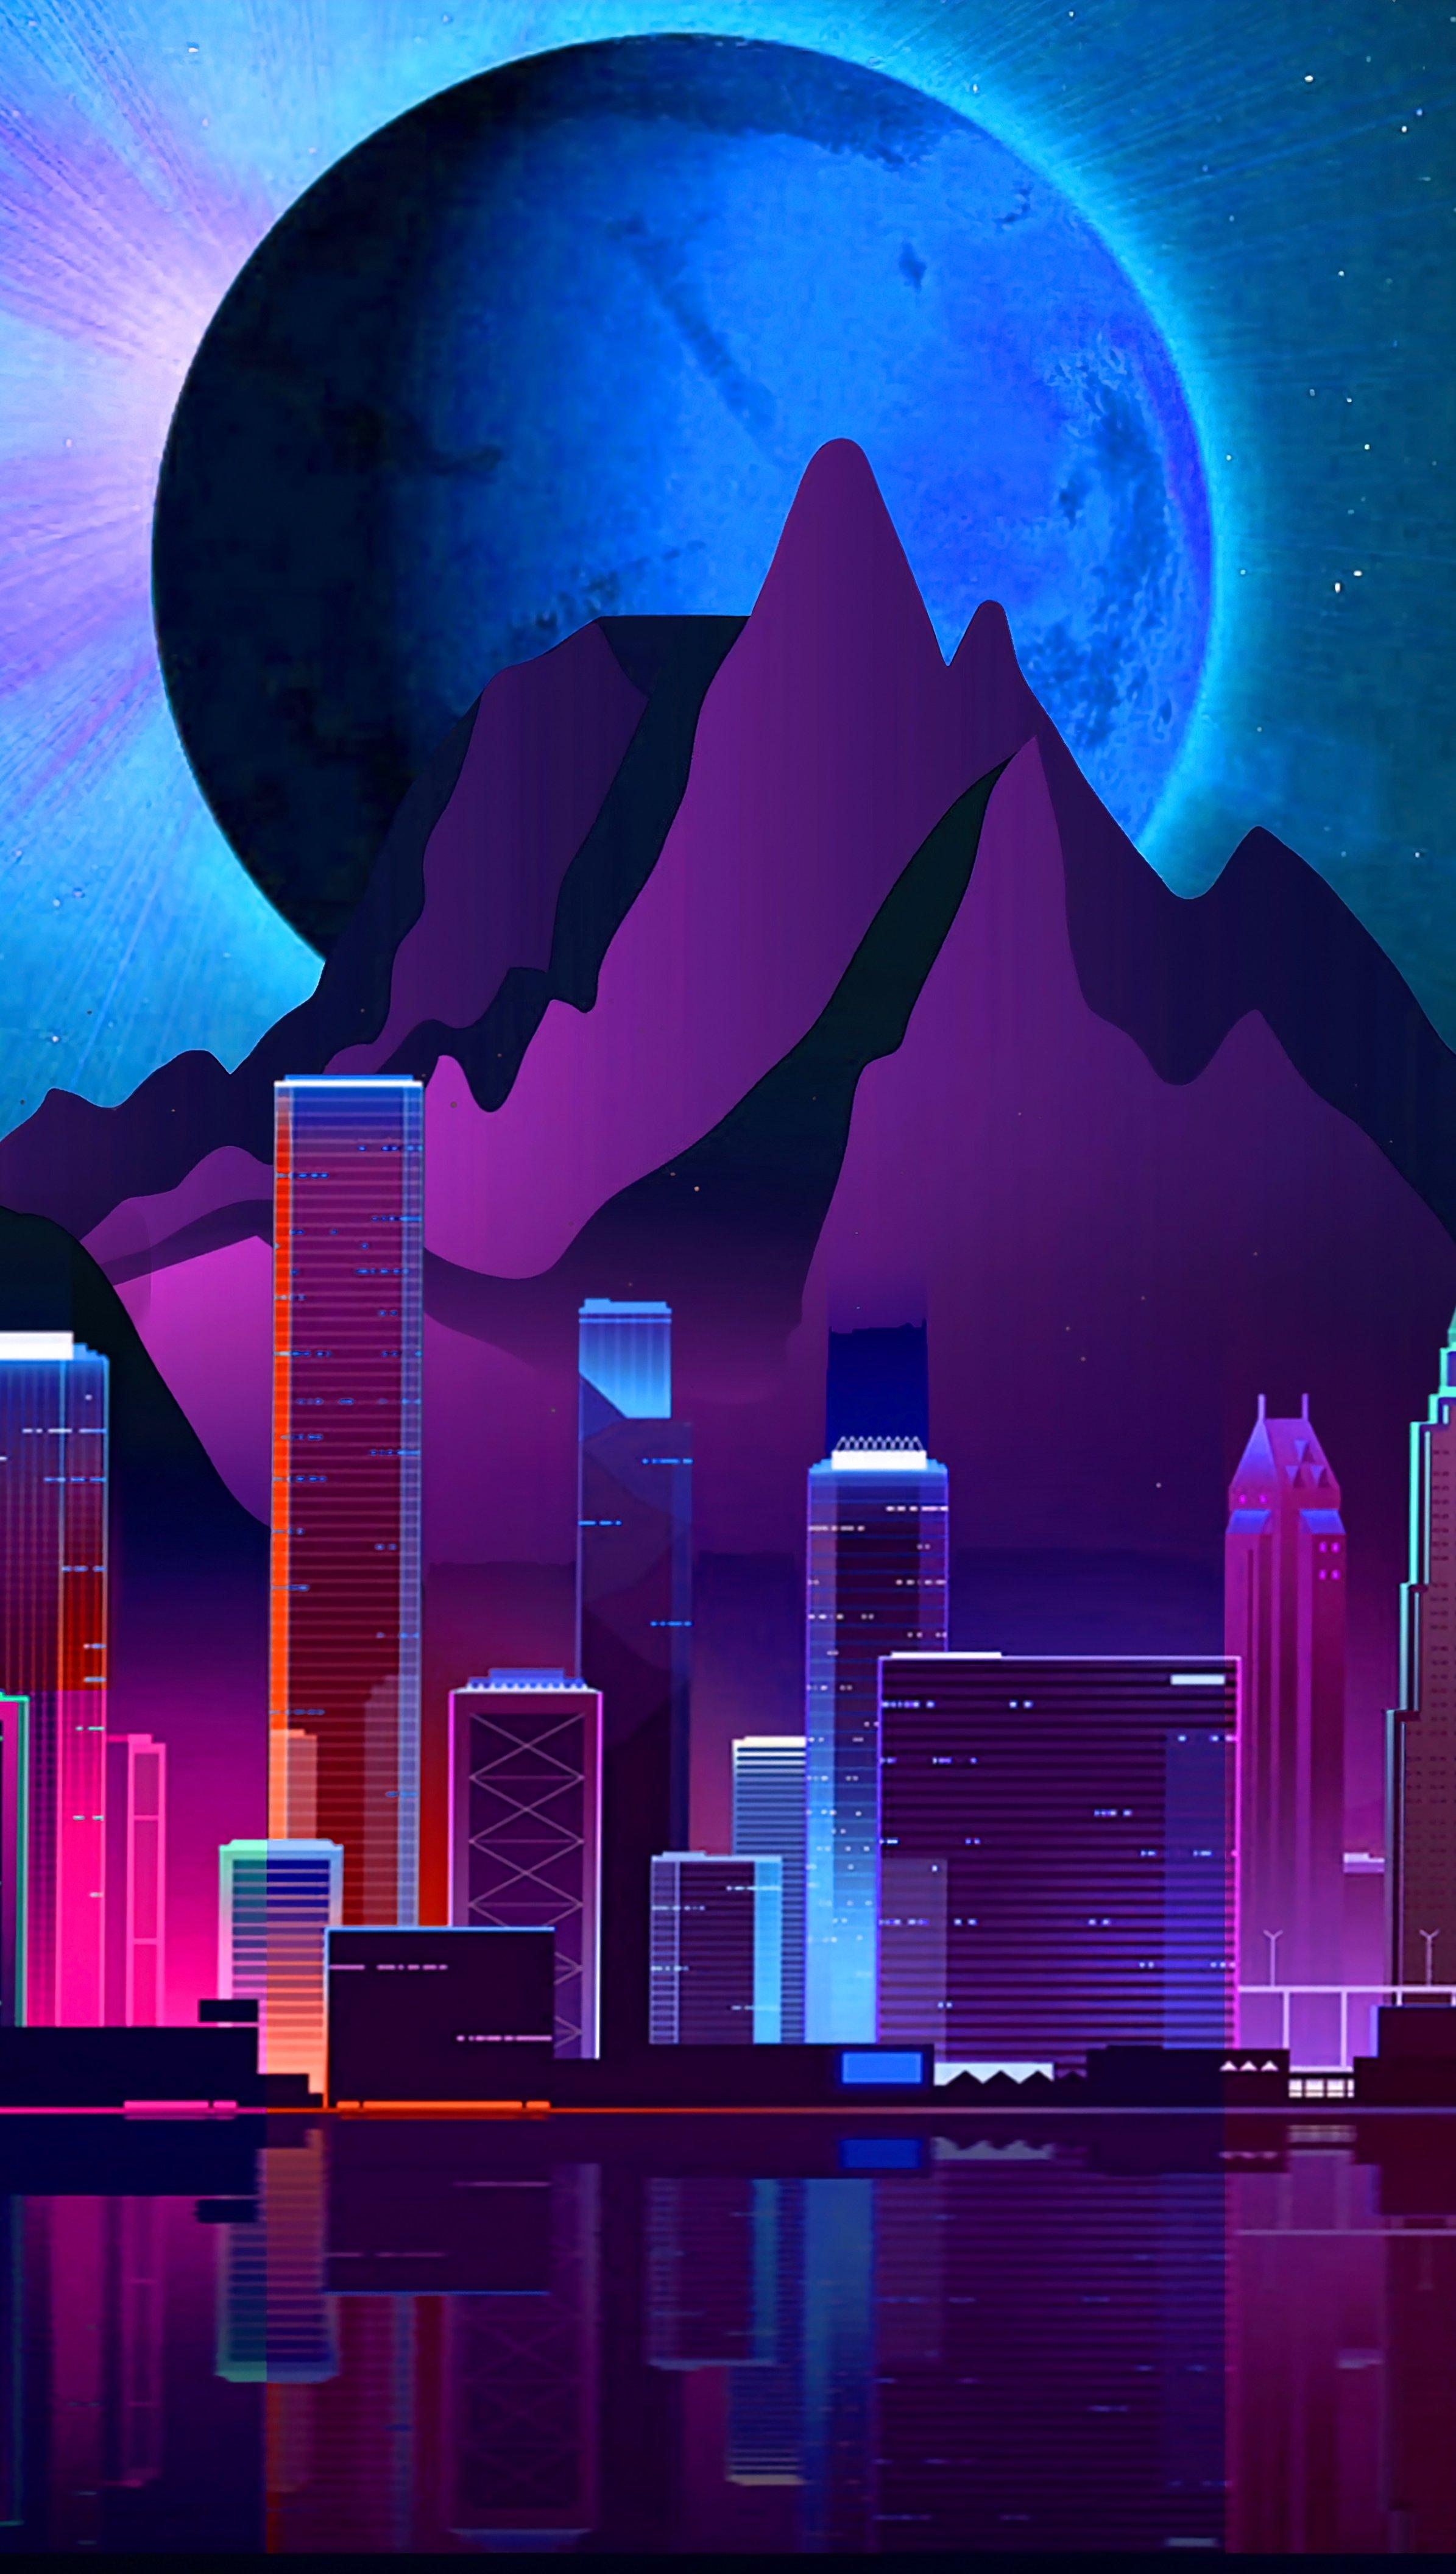 Fondos de pantalla Ciudad Futurista Estilo Retro Vertical